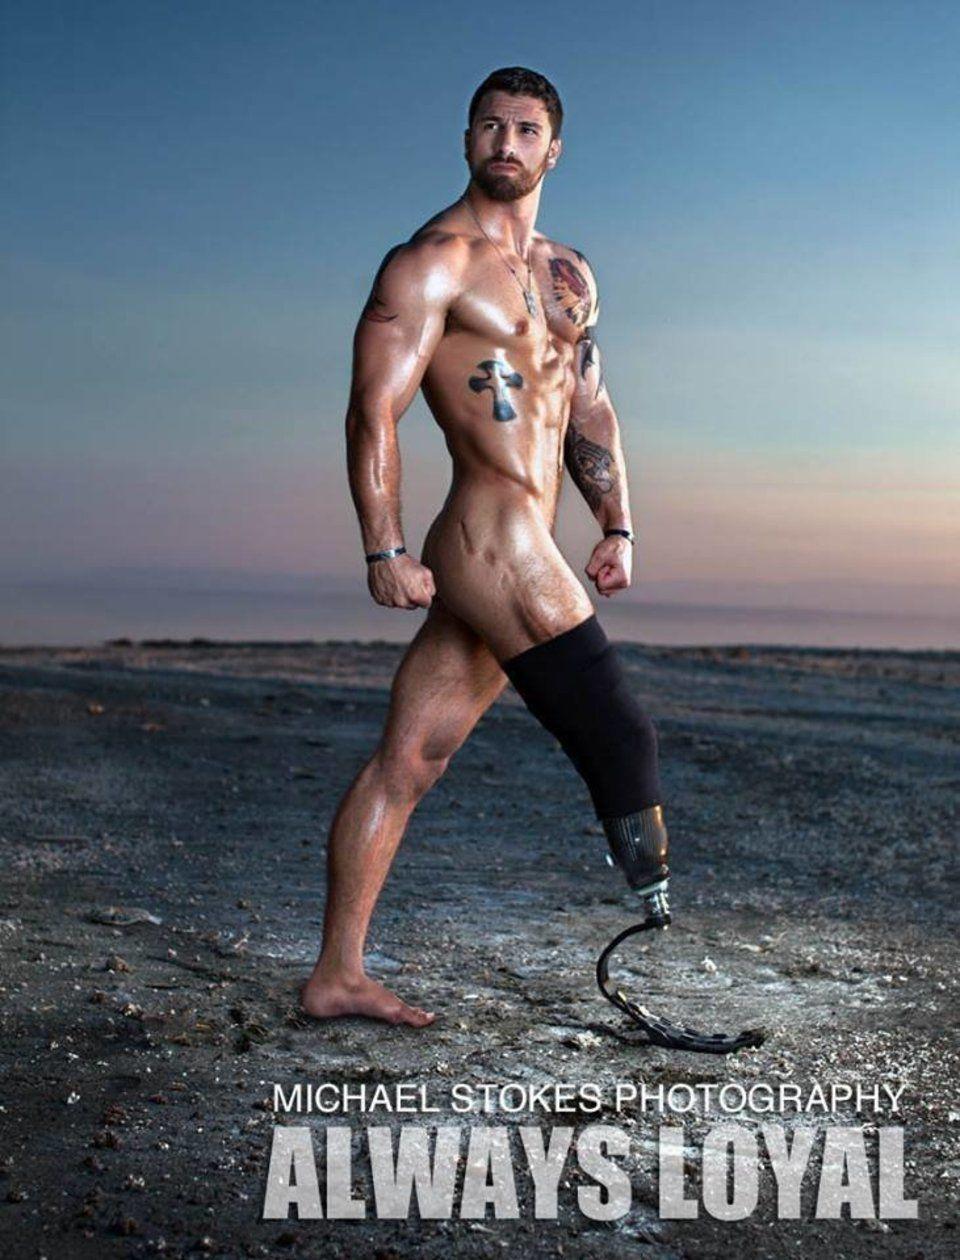 退役軍人たちの手足を失った体に悲しみはない。あるのは自信と美しさだ(画像)